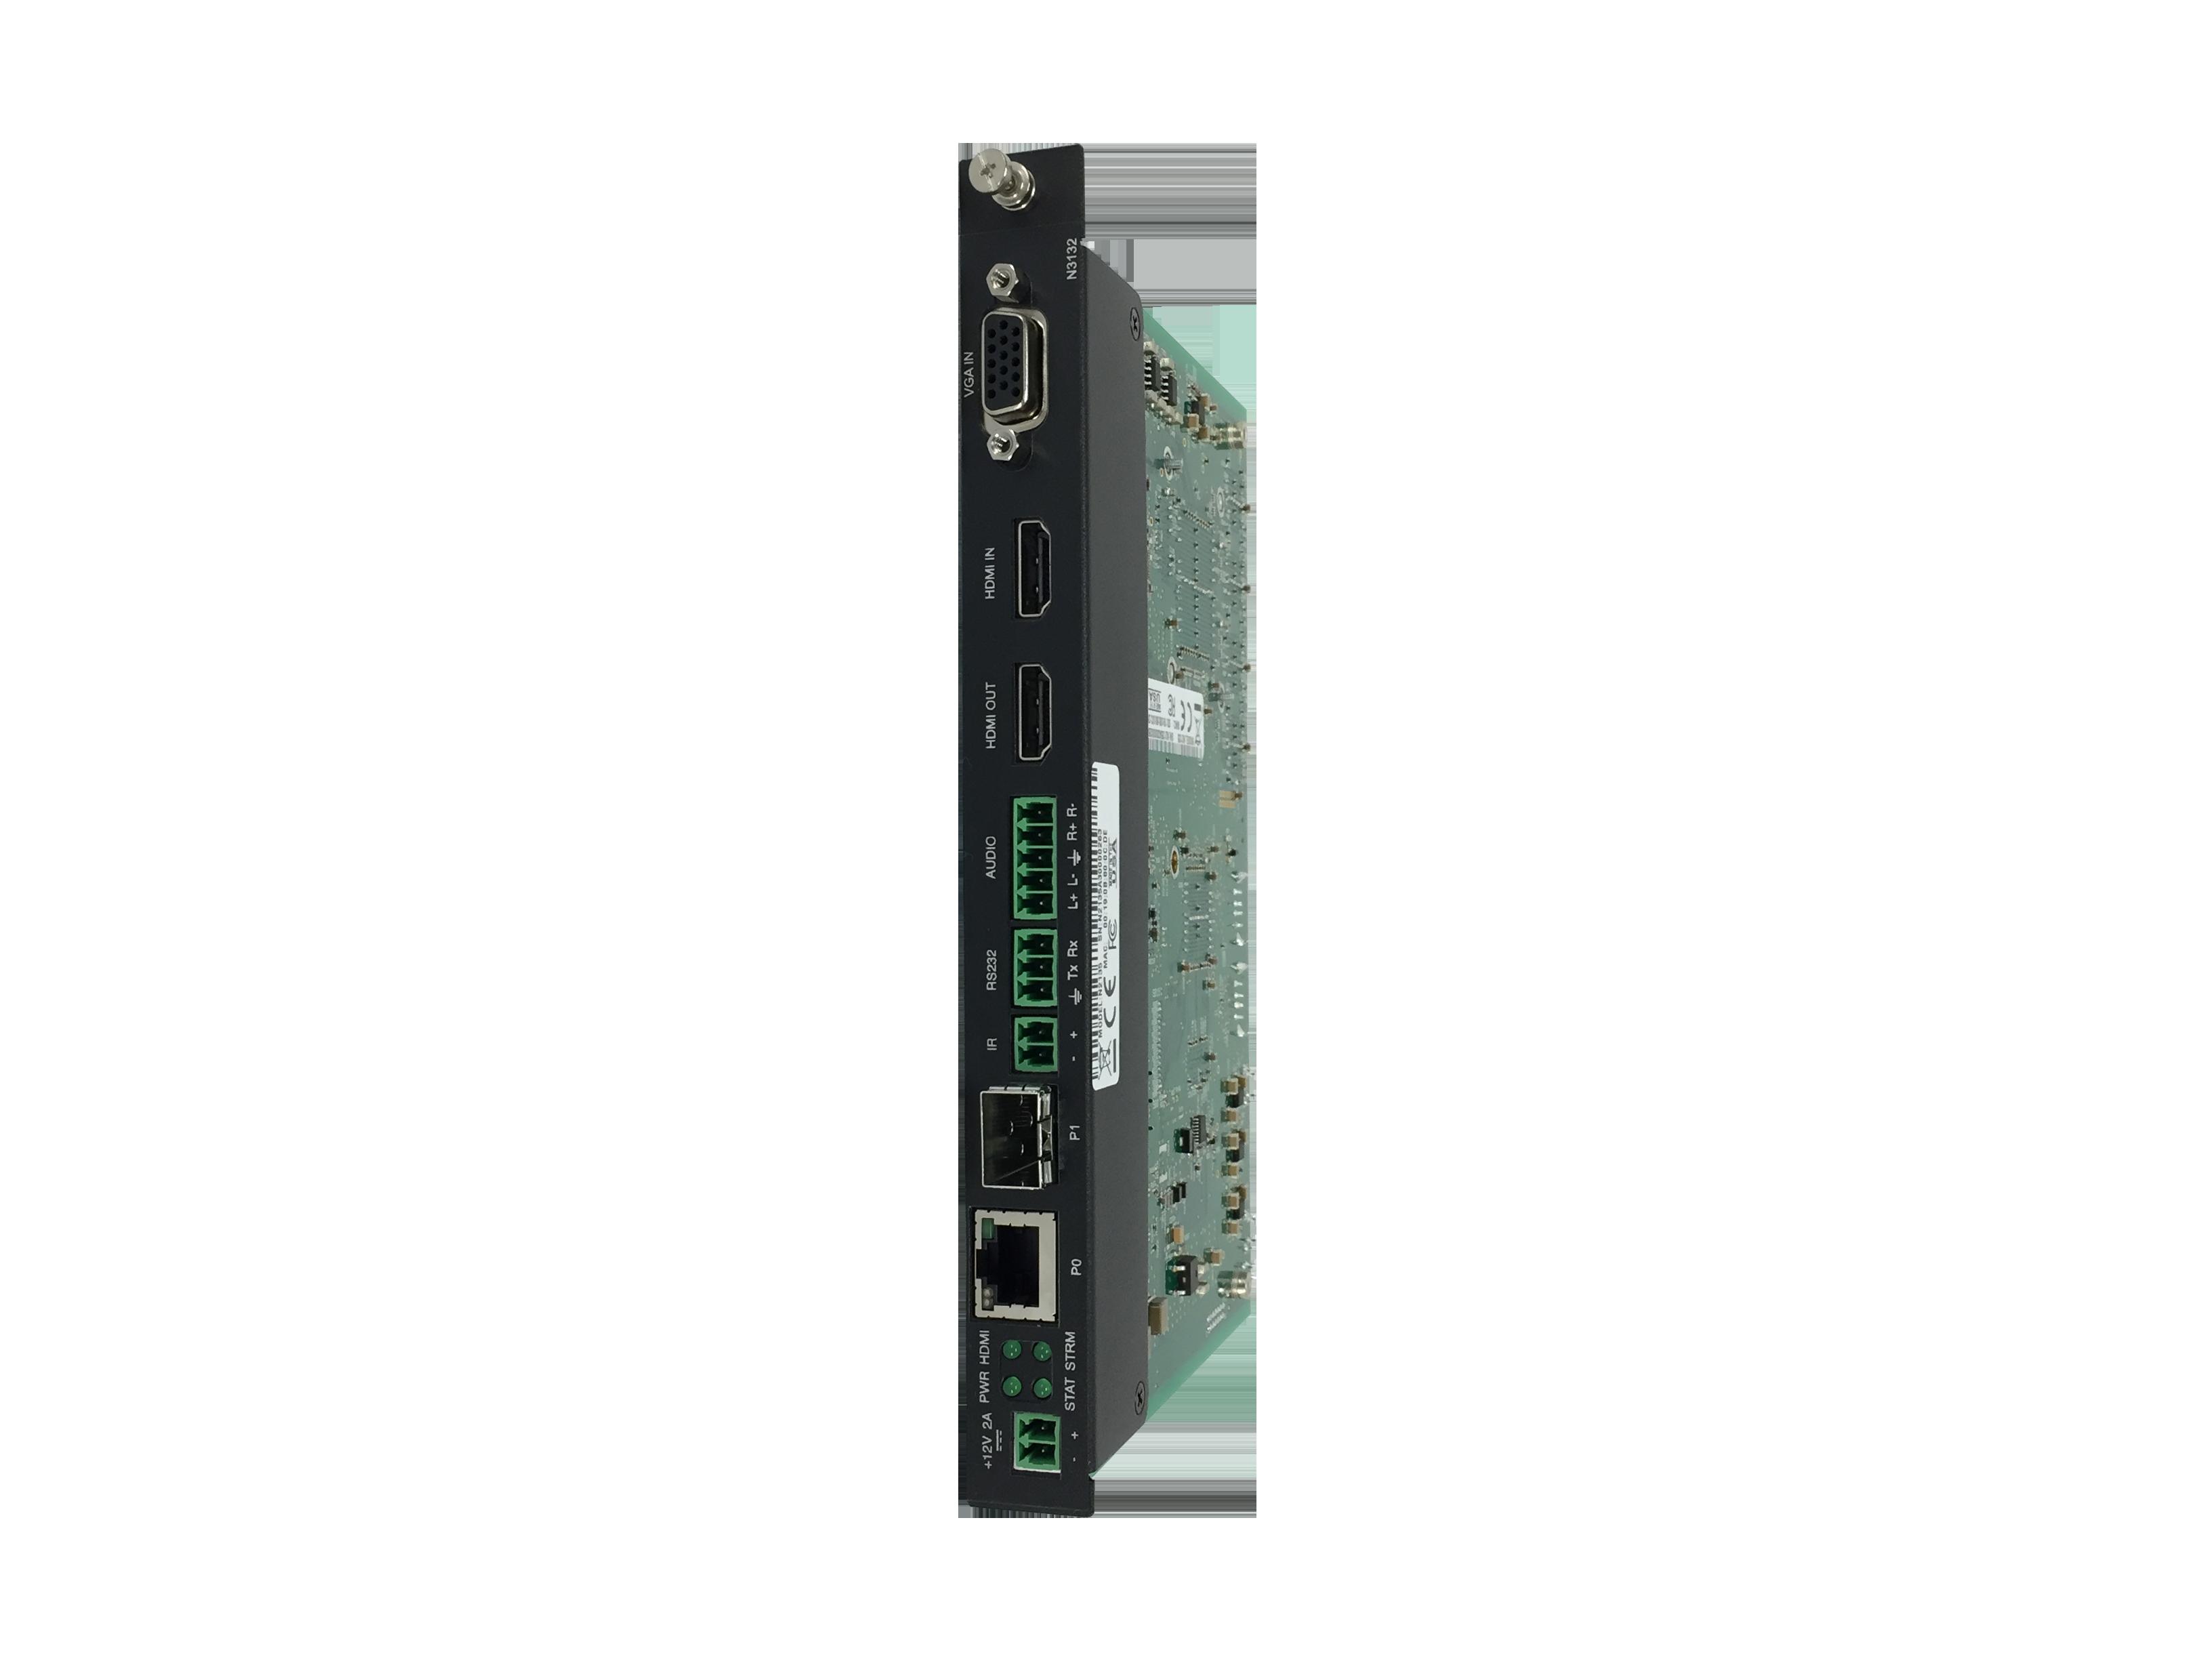 NMX-ENC-N3132-C Encoder Card | AMX Audio Video Control Systems